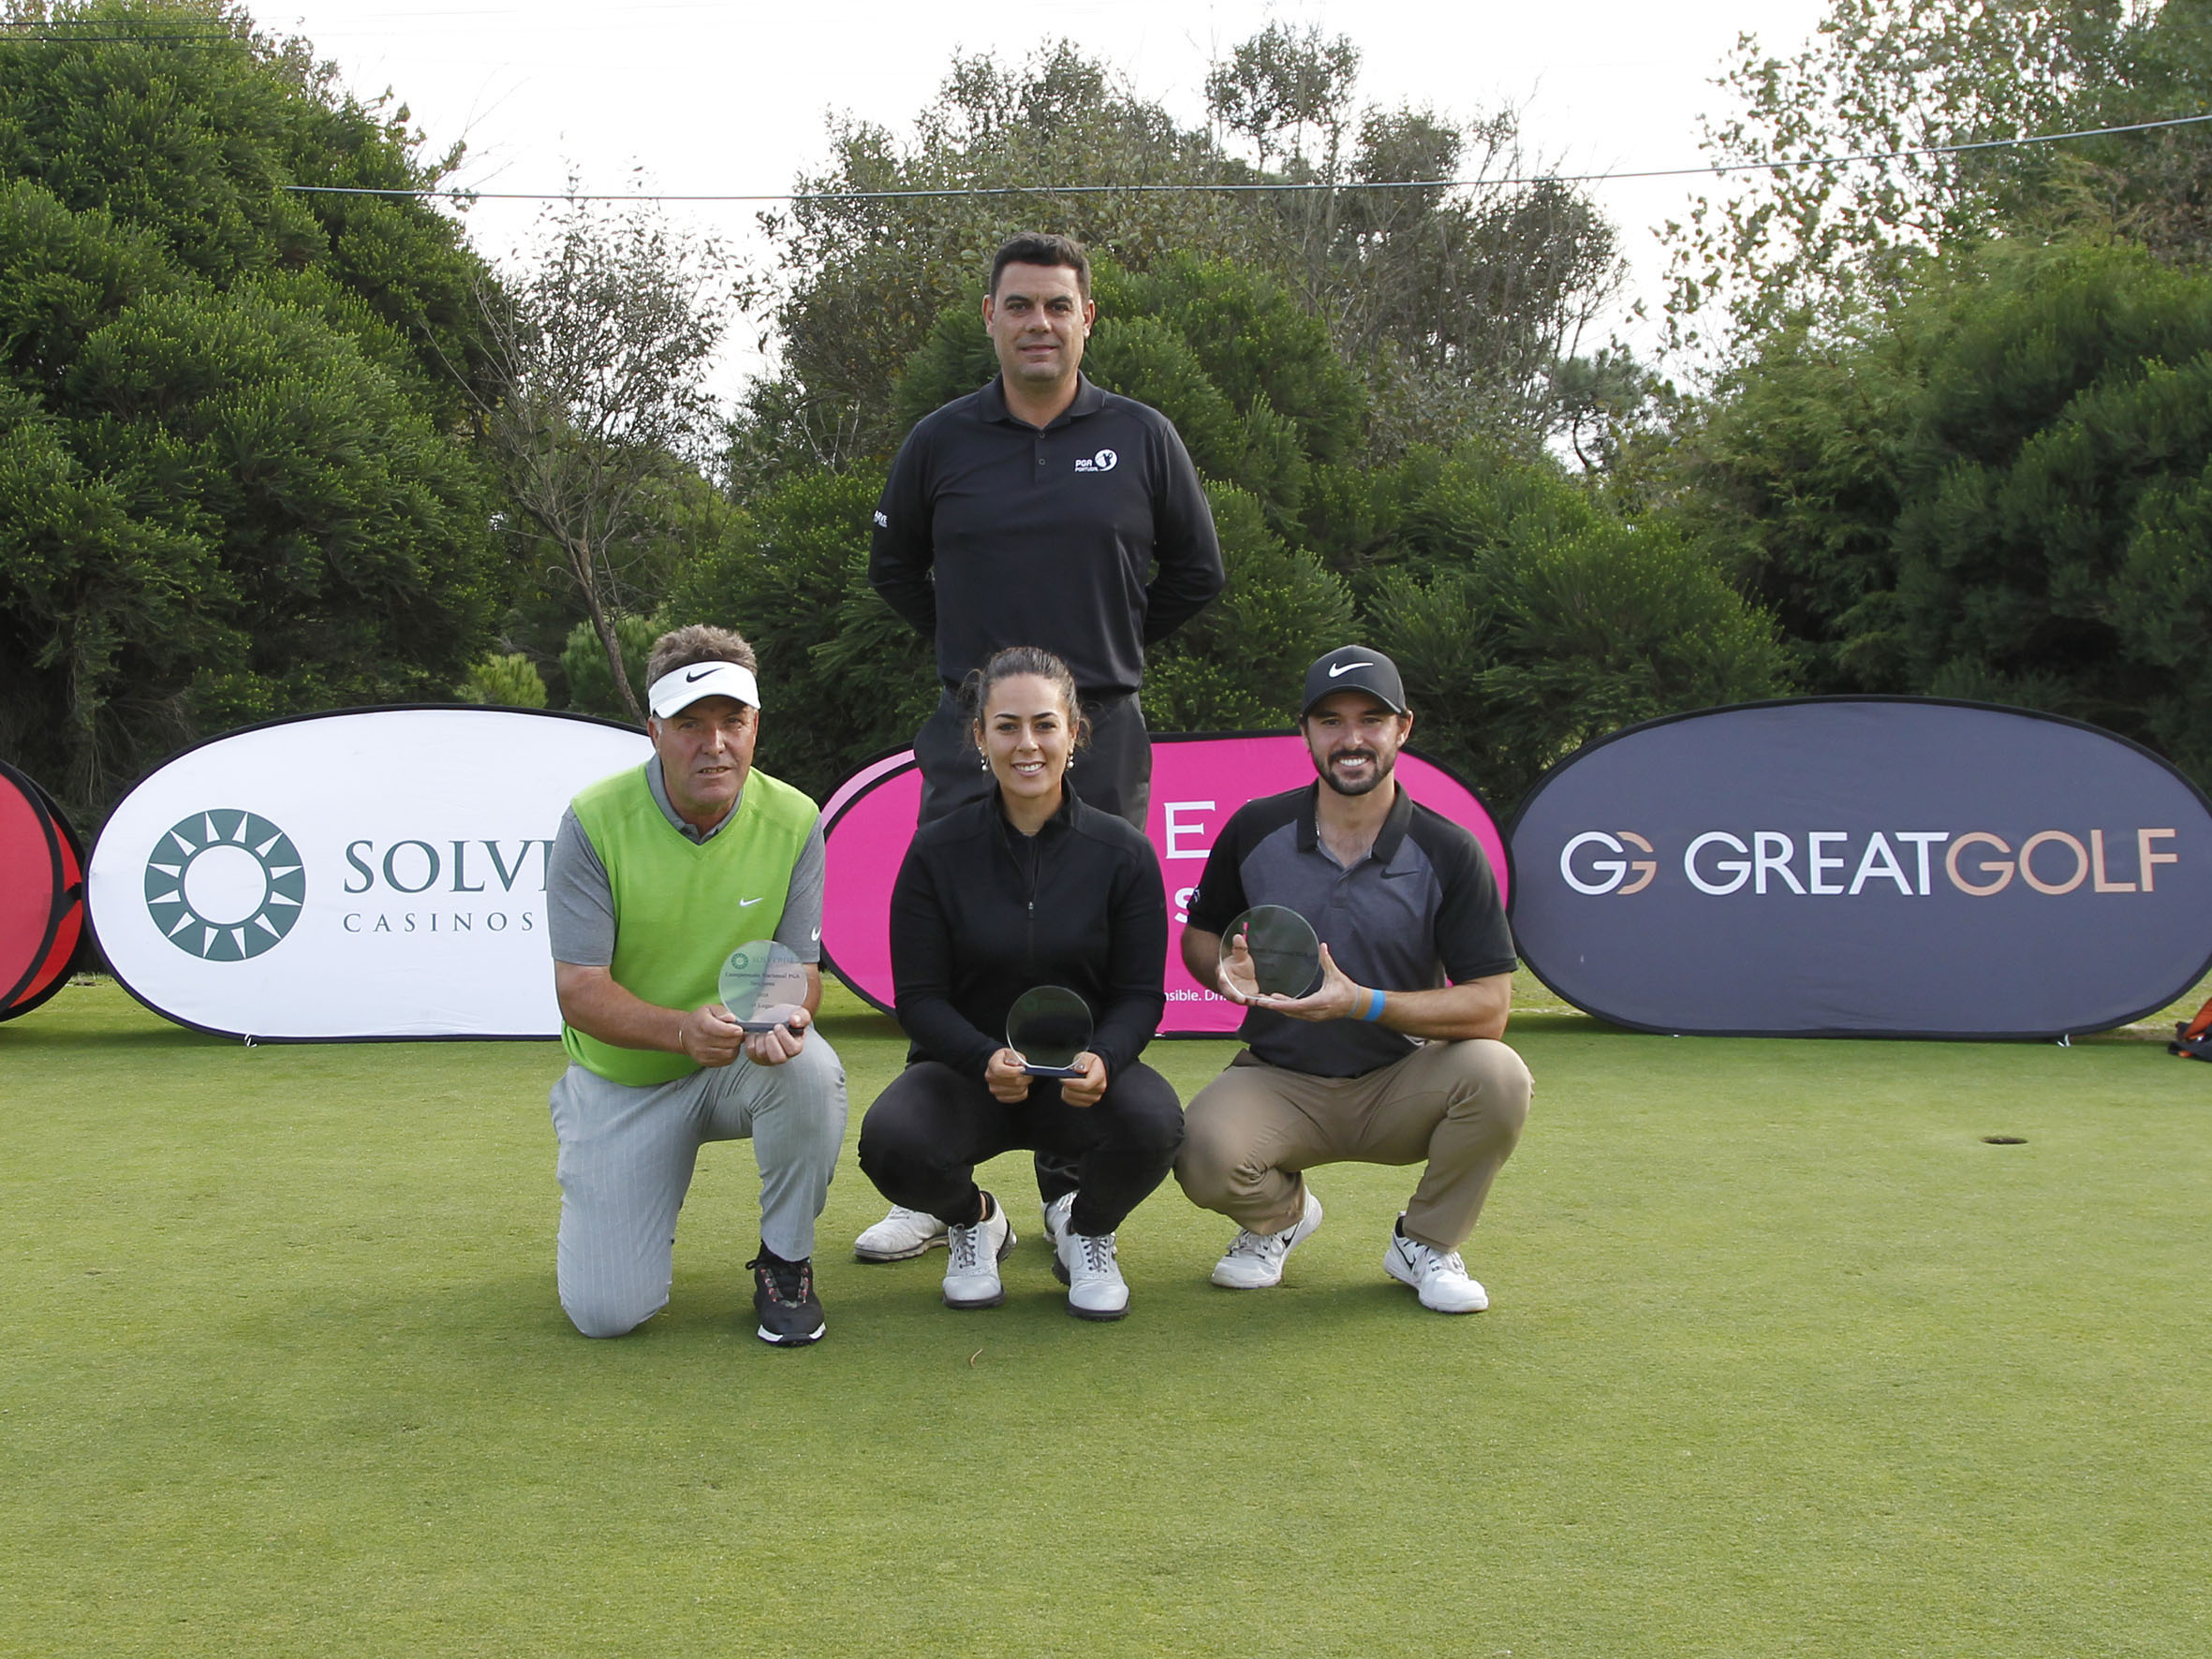 Solverde Campeonato Nacional PGA – TOMÁS SILVA CAMPEÃO UM ANO DEPOIS DO N.º1